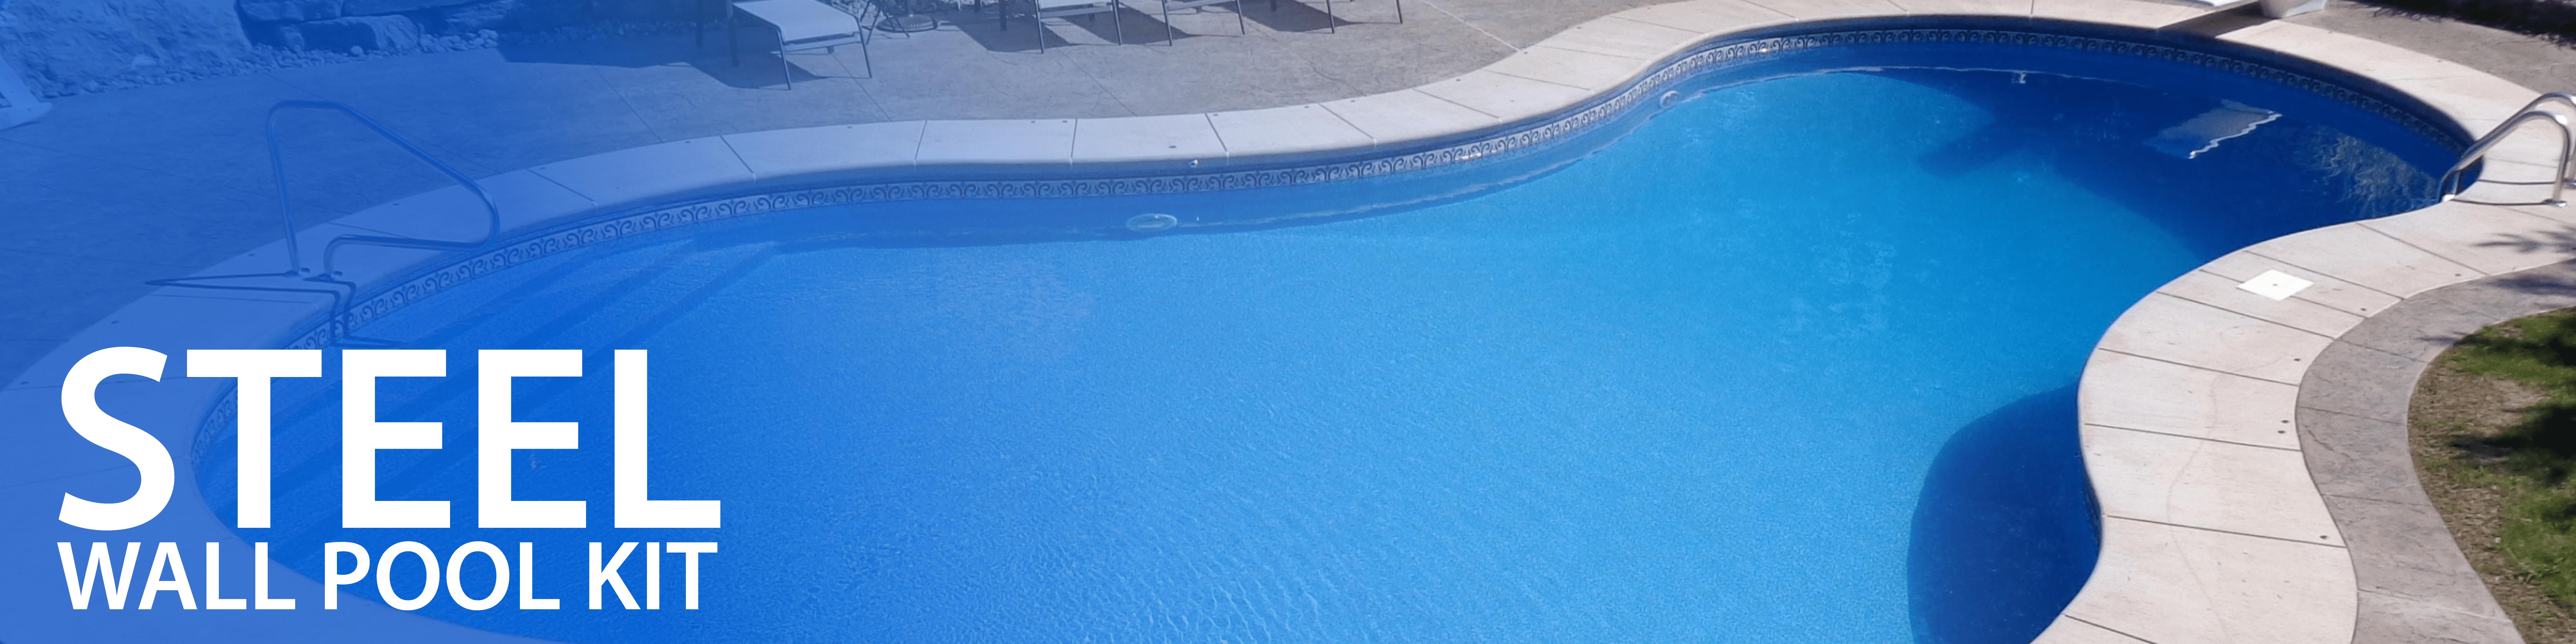 Steel Walls Inground Pool Kit